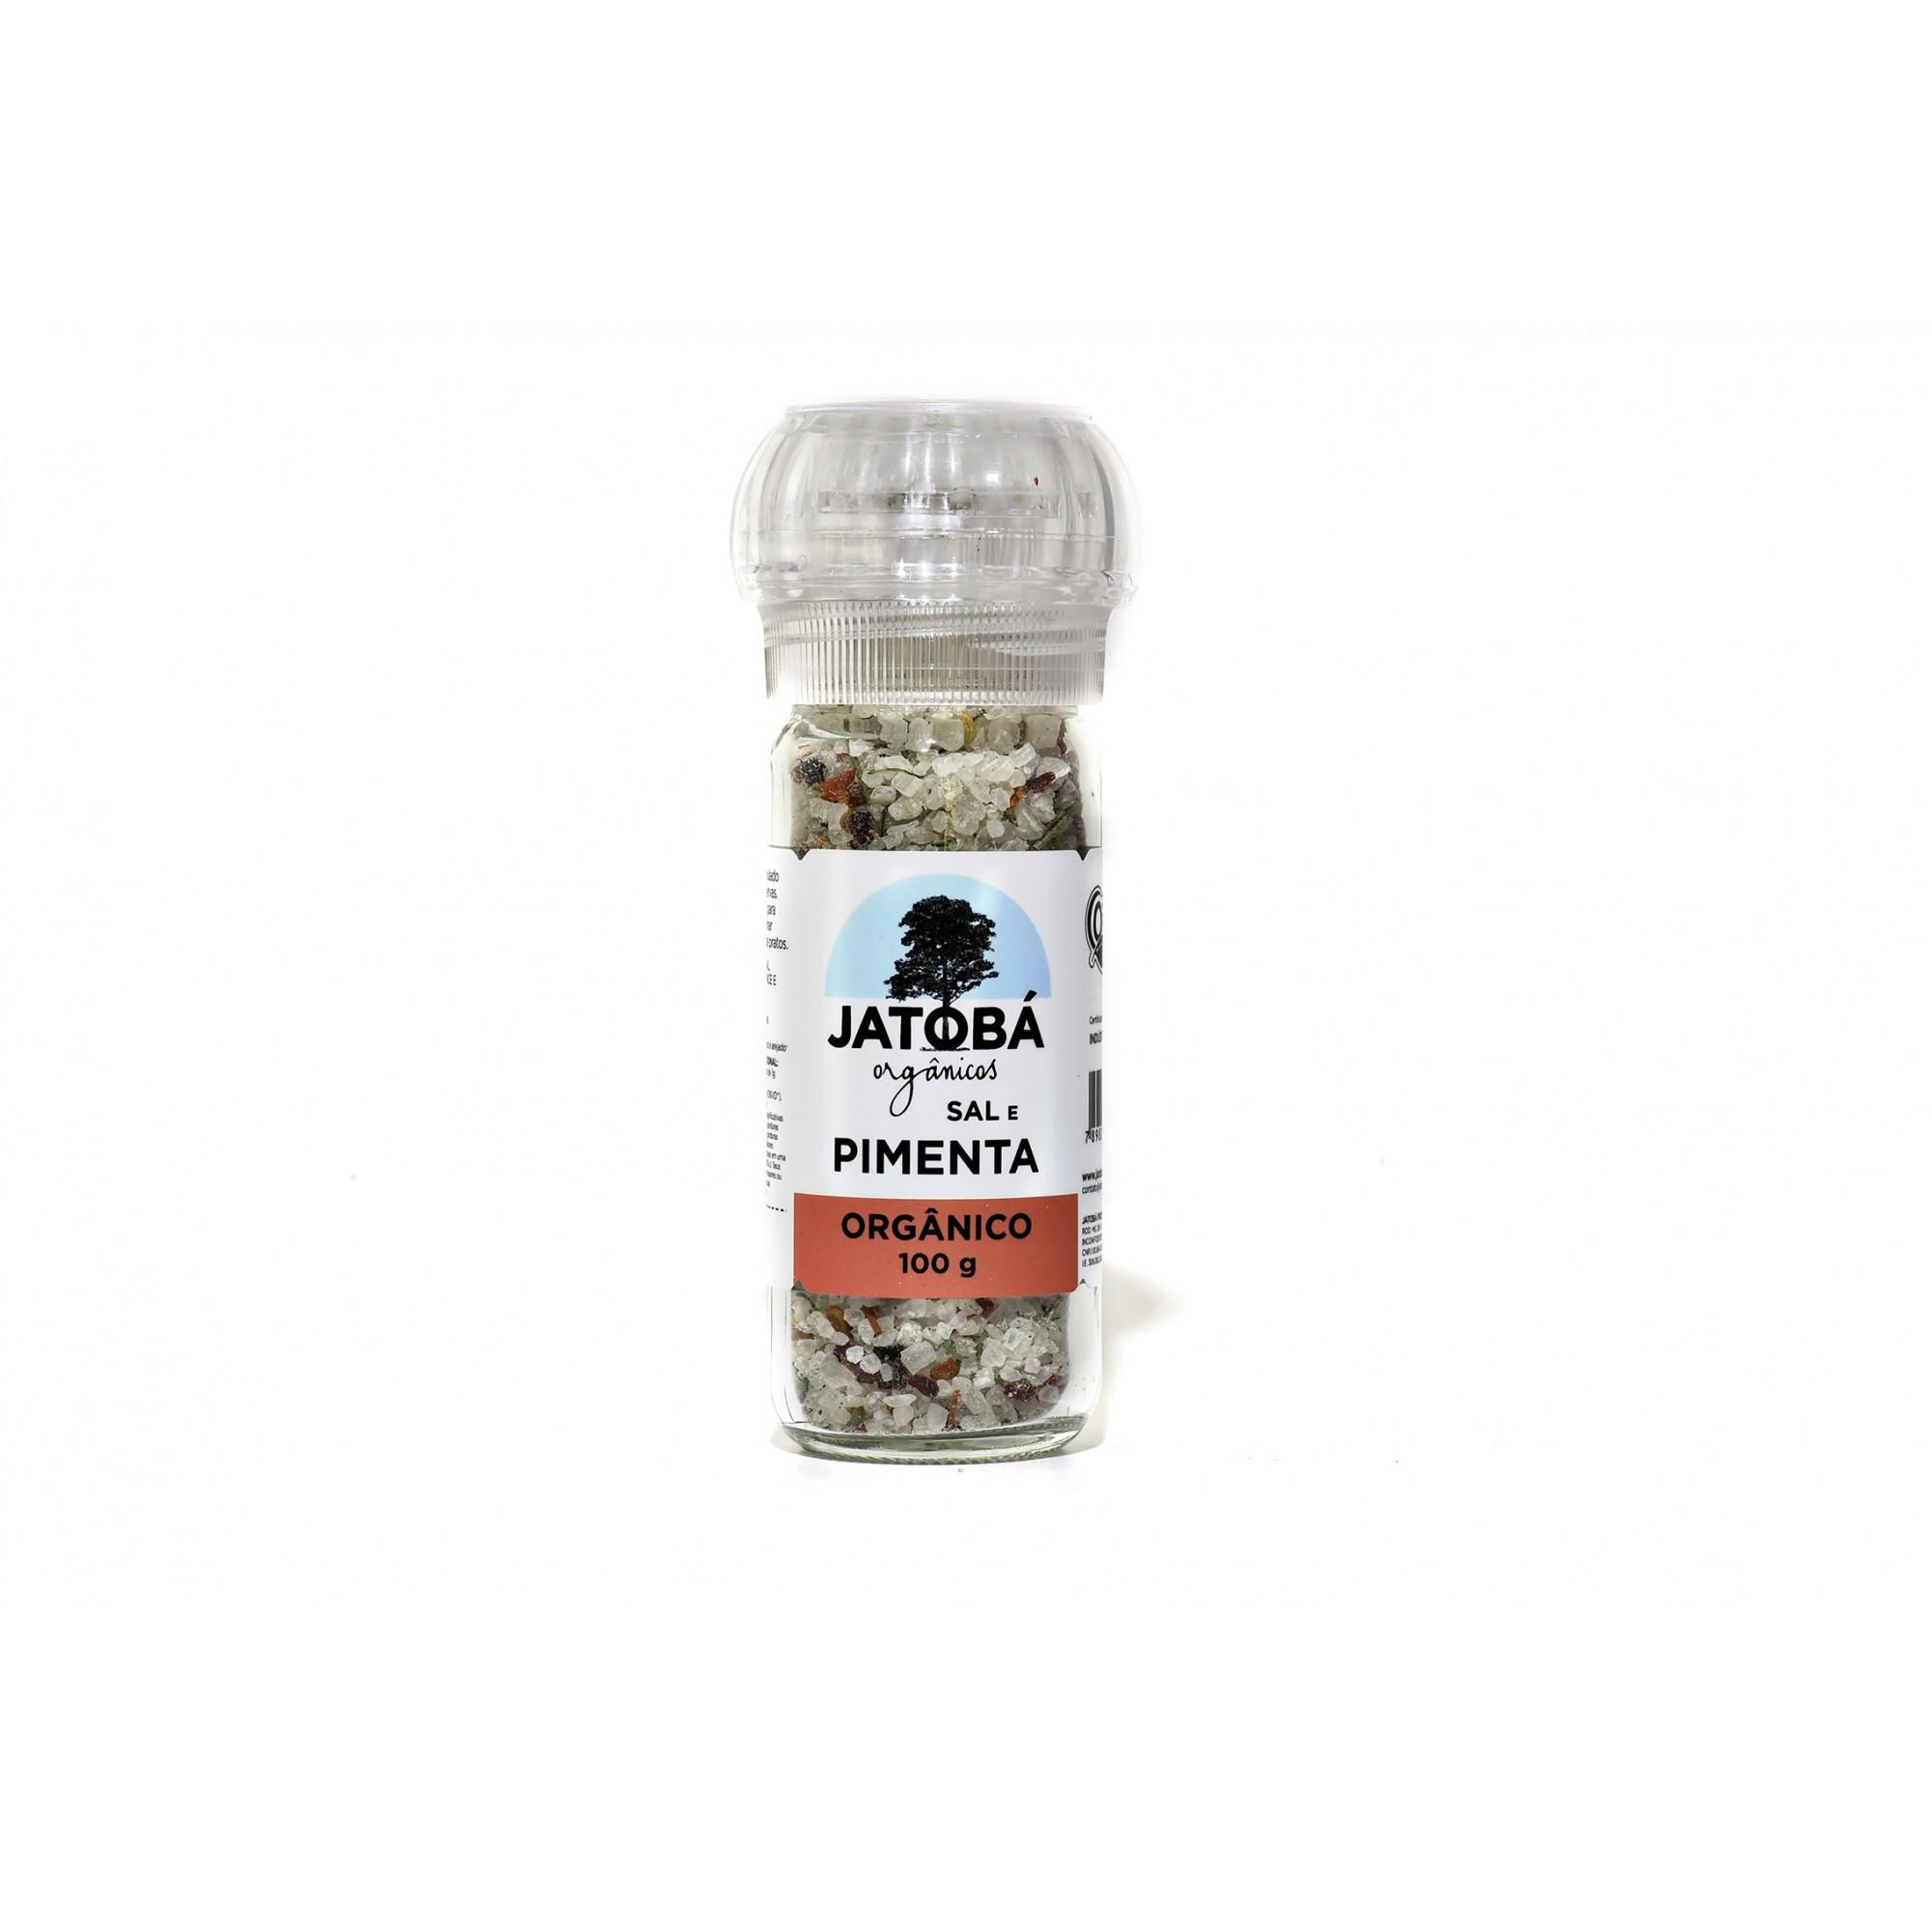 Sal e Pimenta Orgânico com Moedor - 100g - Jatobá